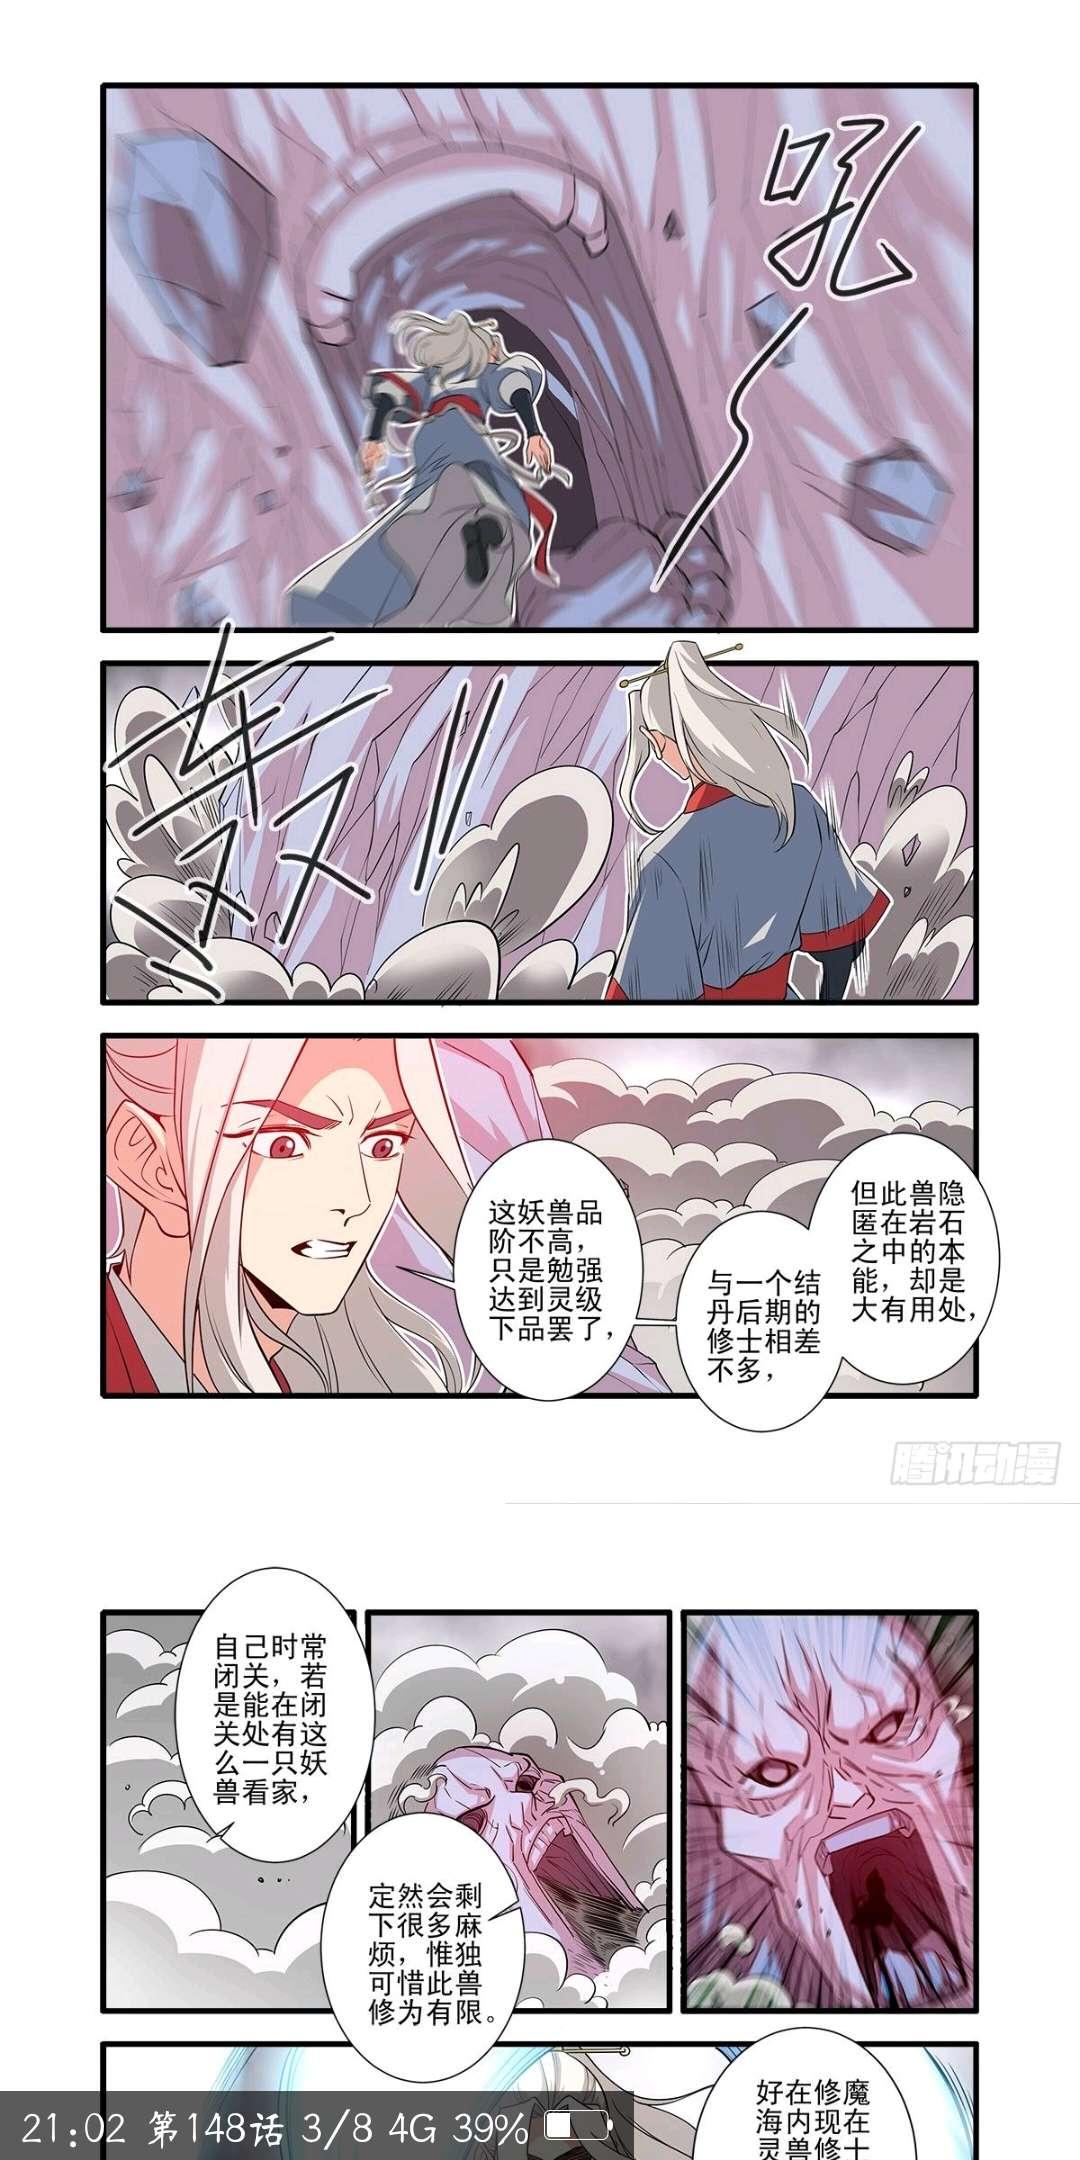 【漫画更新】仙逆 第一百四十八话  蚊兽-小柚妹站